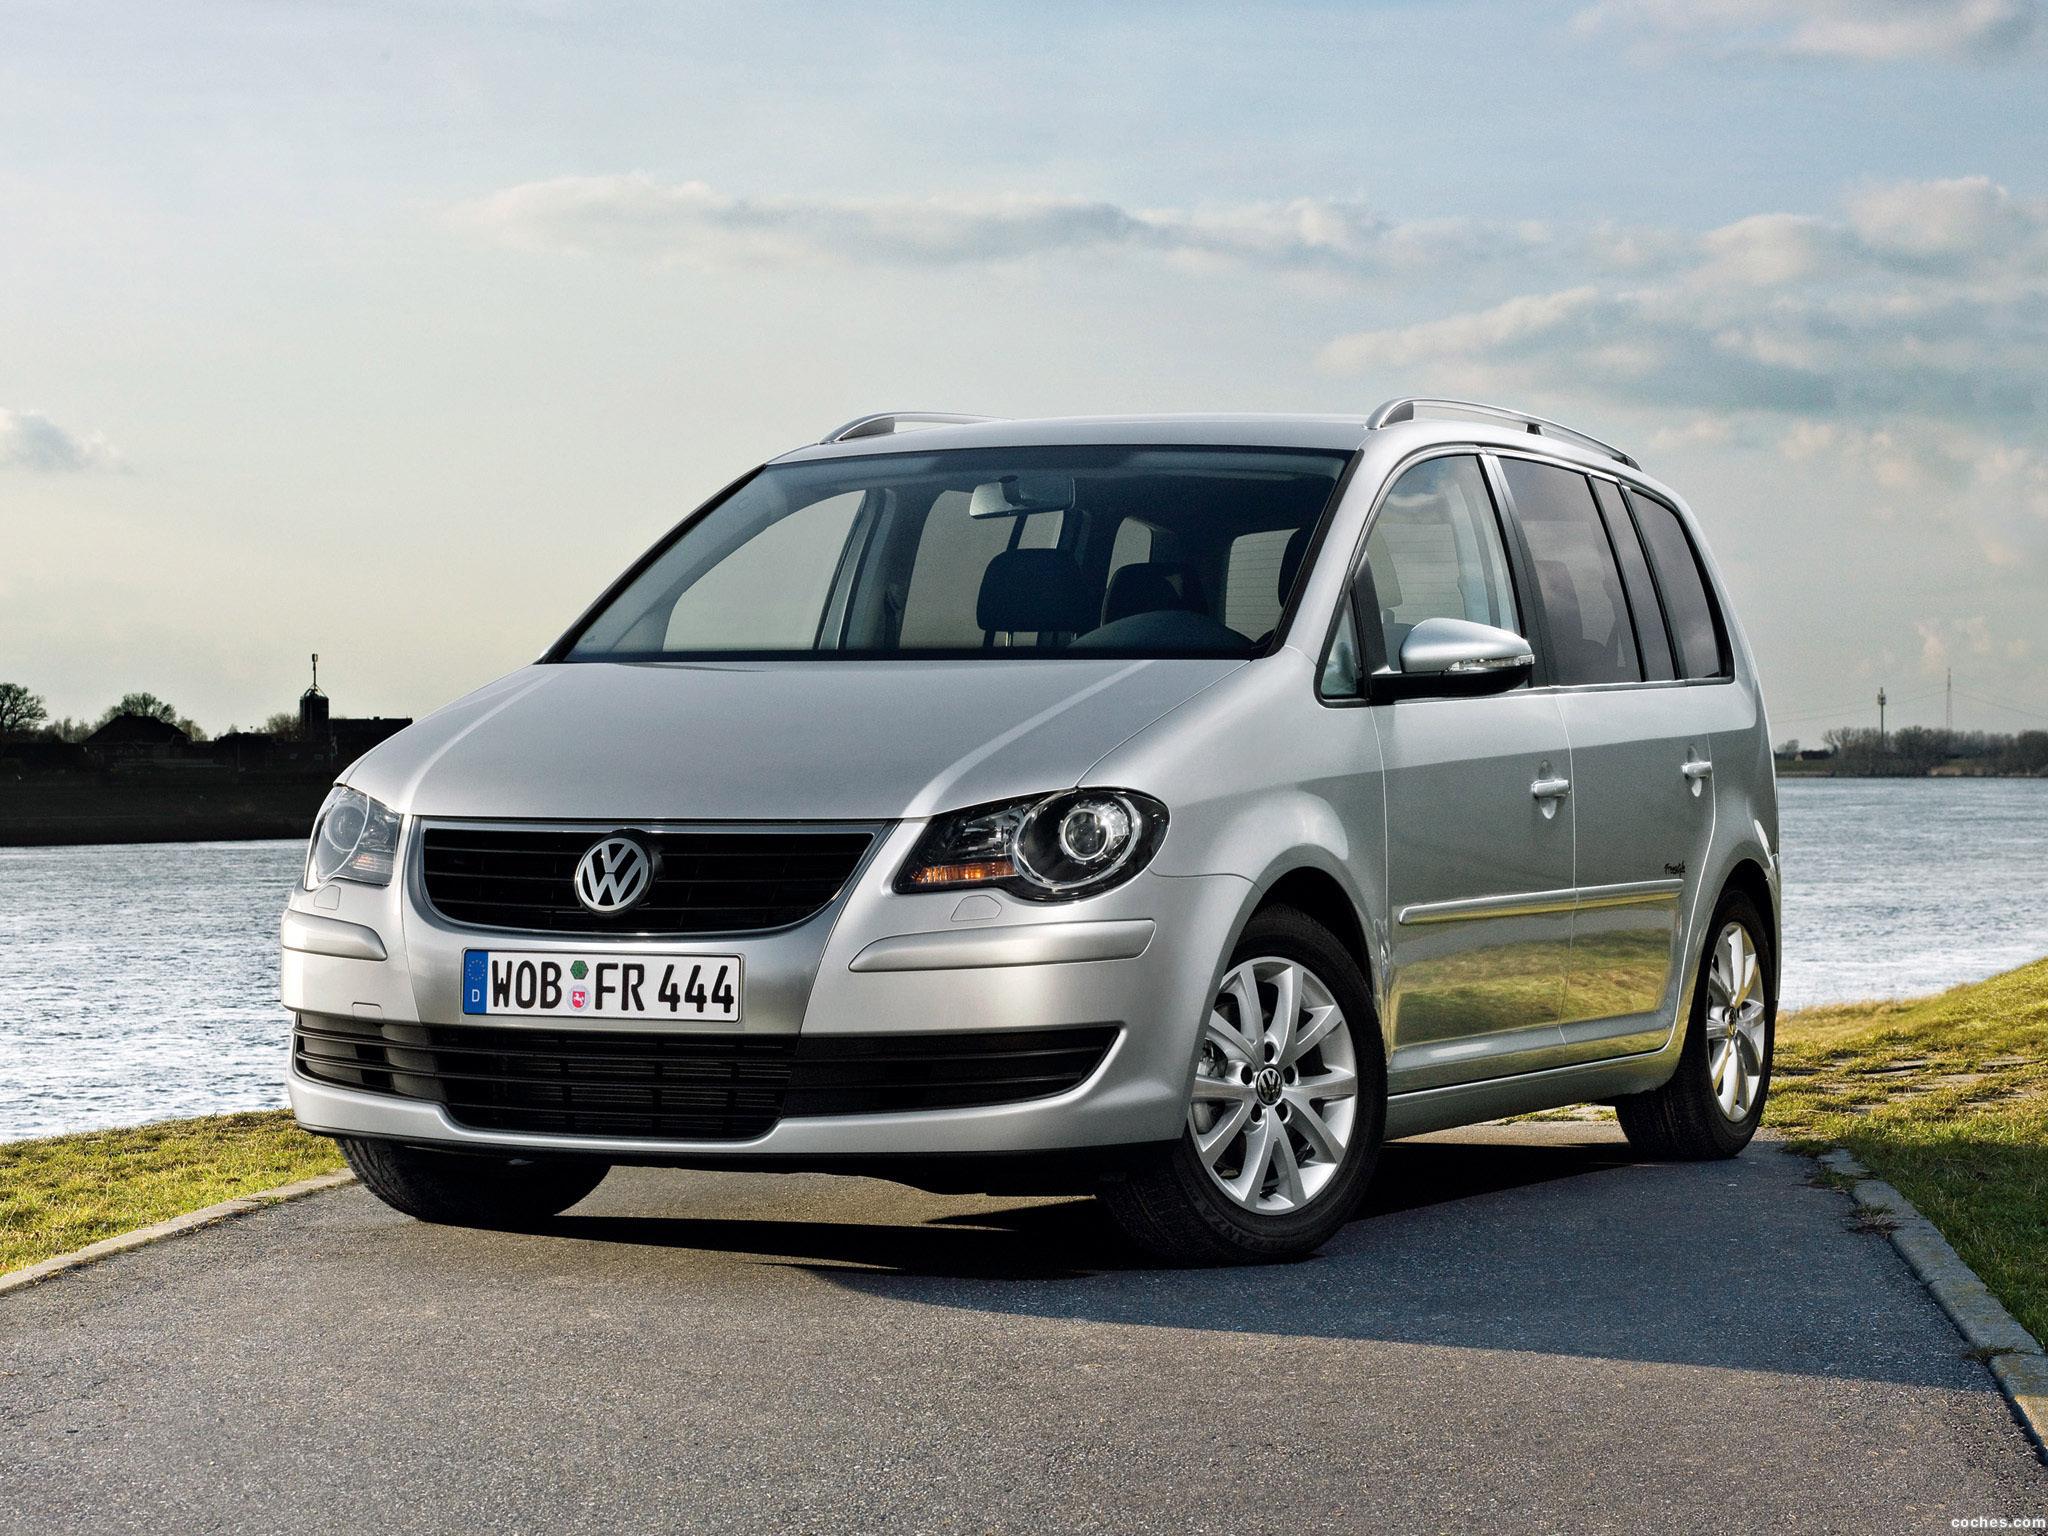 Foto 0 de Volkswagen Touran Freestyle 2009